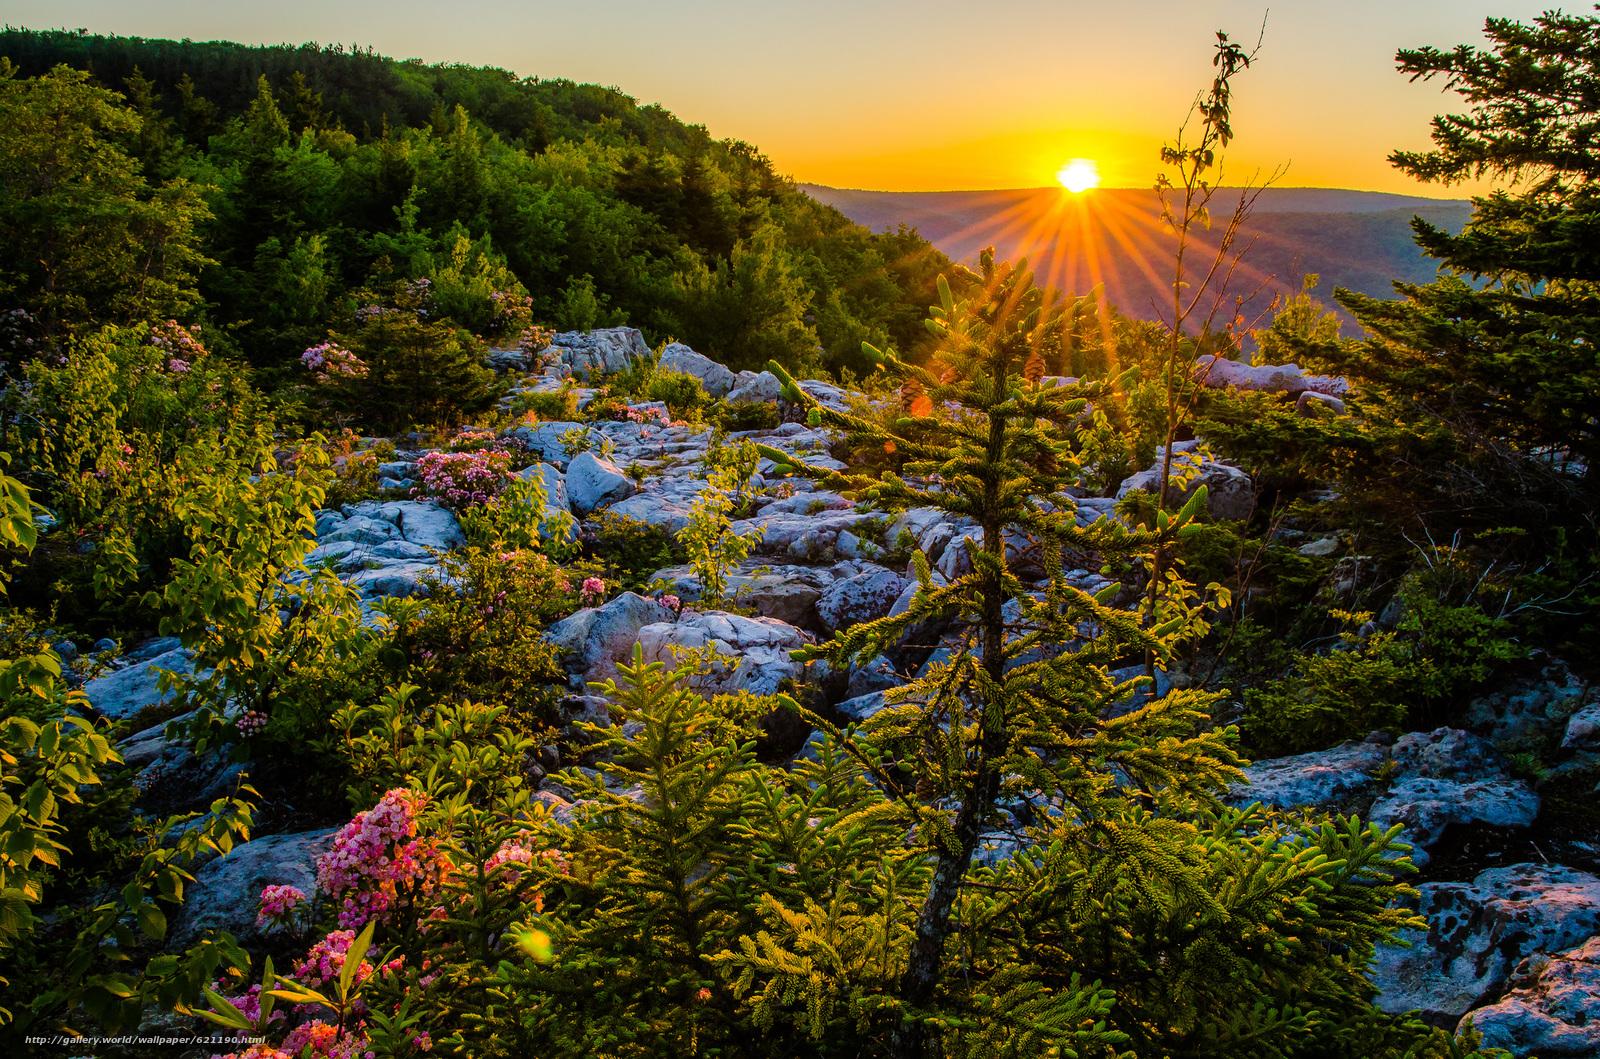 descarca imagini de fundal Dolly sods Wilderness,  Monongahela National Forest,  Munții Allegheny,  West Virginia Imagini de fundal gratuite pentru rezoluia desktop 2048x1356 — imagine №621190